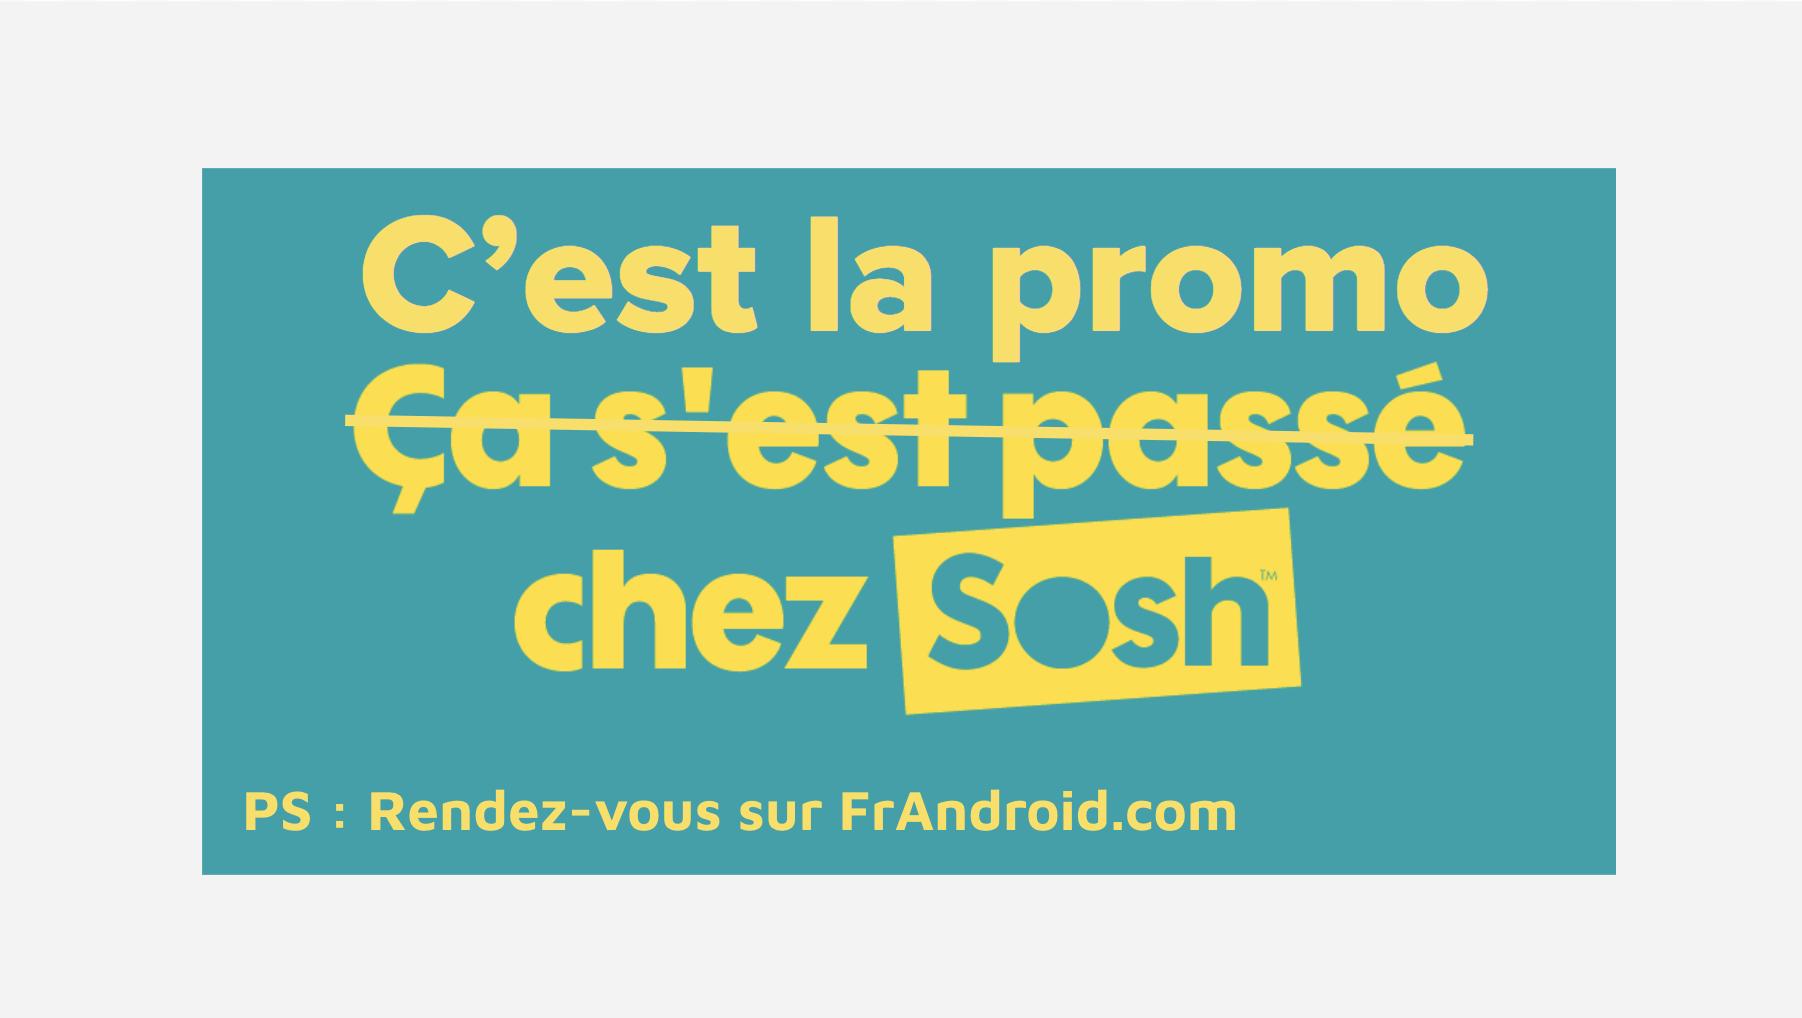 Sosh baisse temporairement le prix de son offre Fibre/ADSL/VDSL et forfait mobile 2h à 15 euros/mois